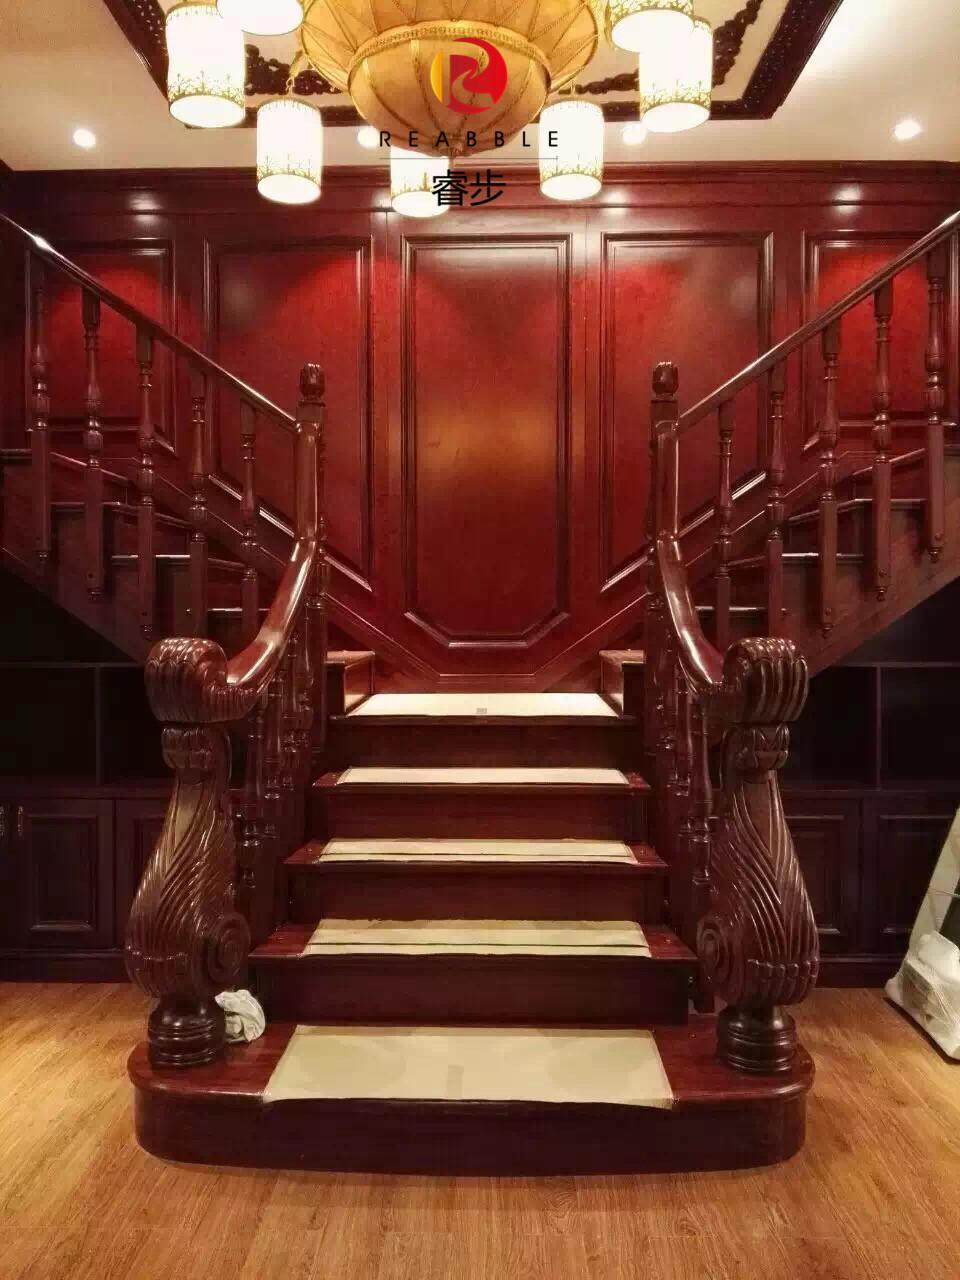 Chengdu Rui Schritt die treppe, Holz, Gummi, Holz, Holz - handlauf der treppe die treppe